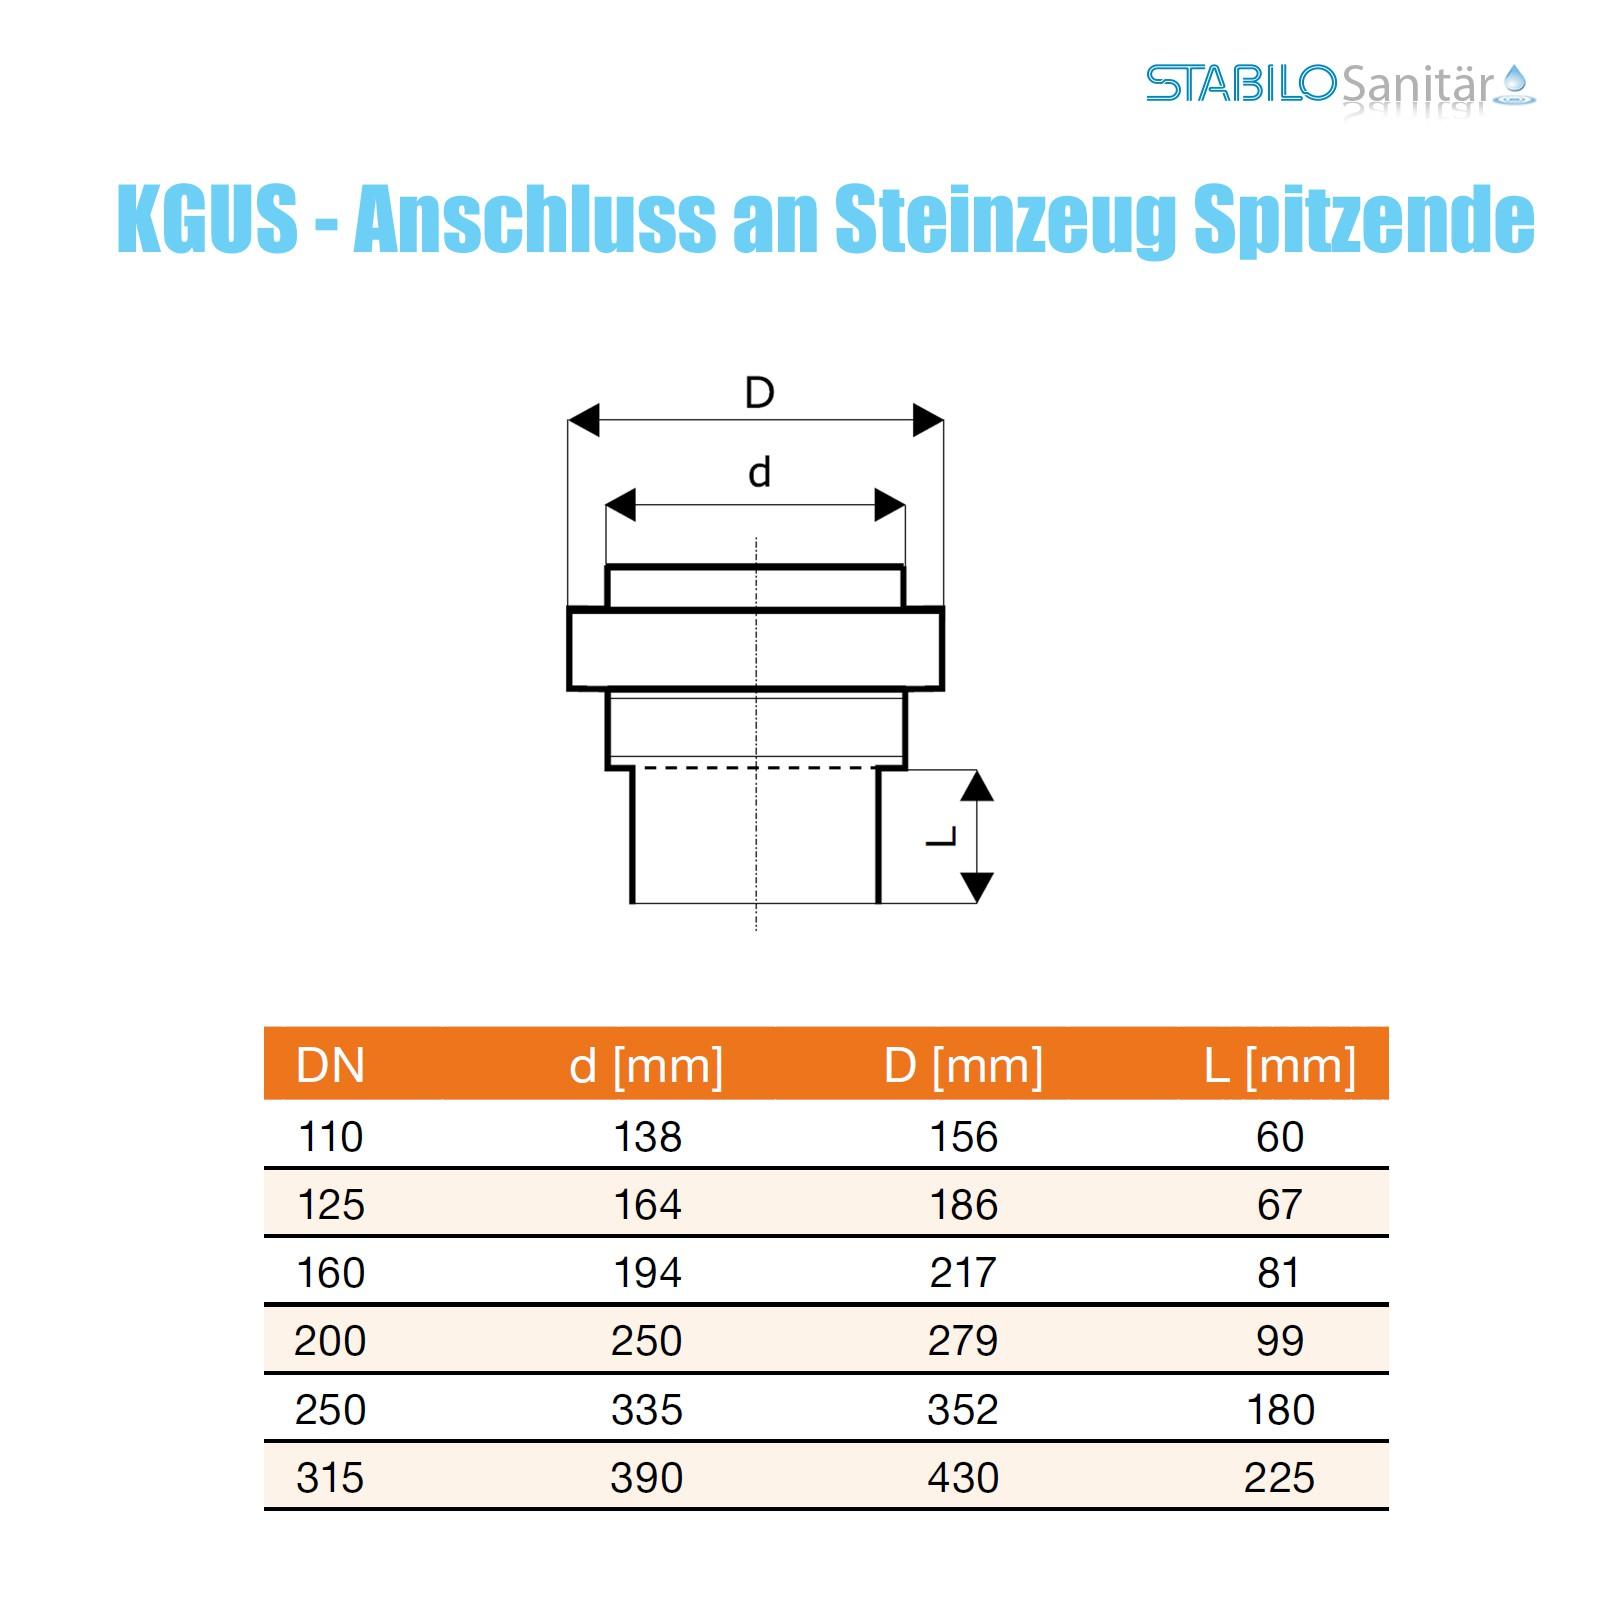 kg anschluss dn110 an steinzeugrohr-spitzende kgus rohr Übergang